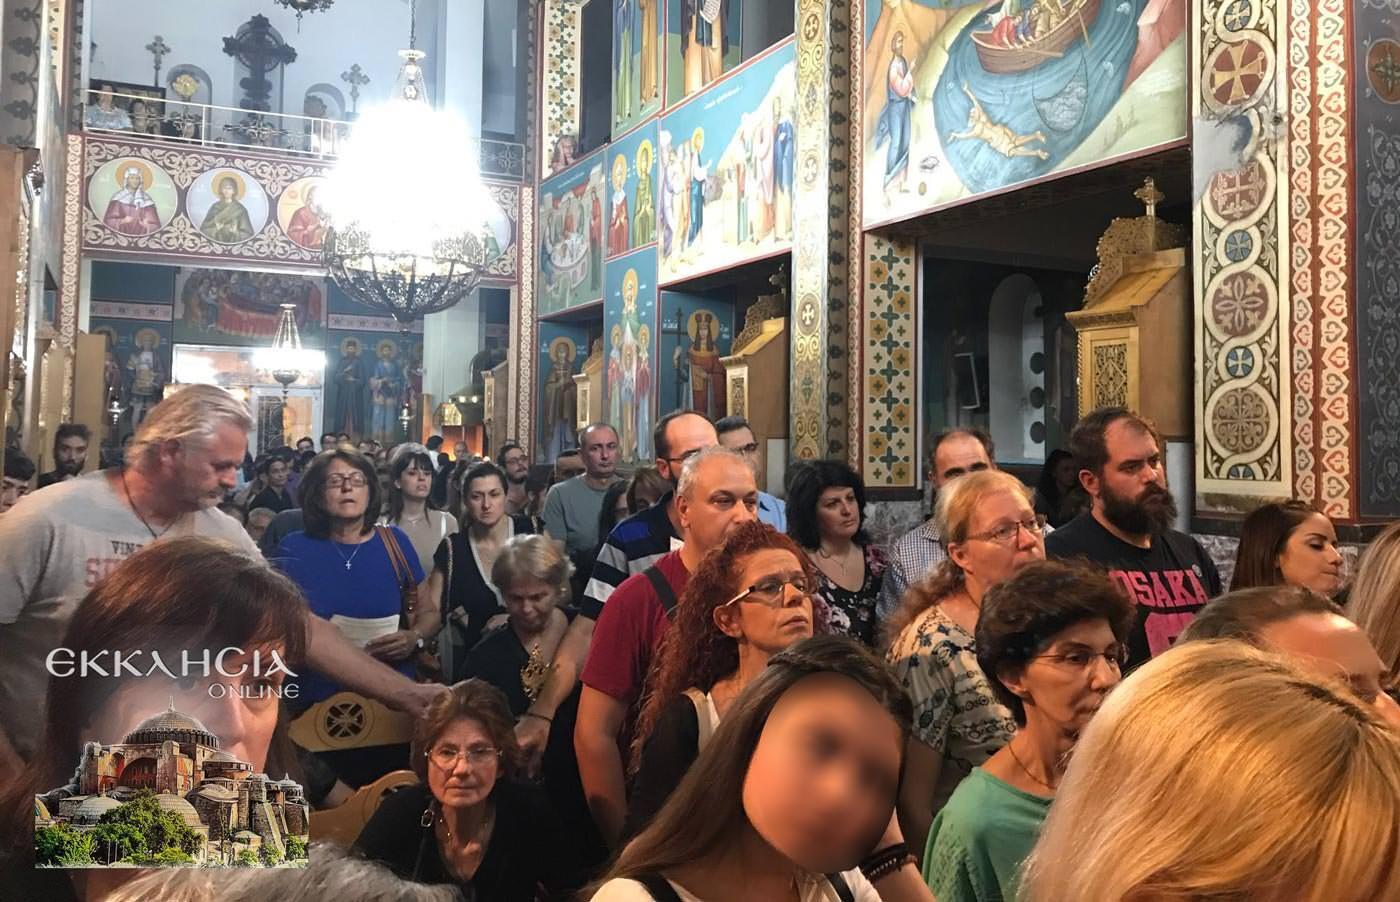 Ιερός Ναός Μεταμορφώσεως Σωτήρος Βύρωνας Γέροντας Νεκτάριος 2019